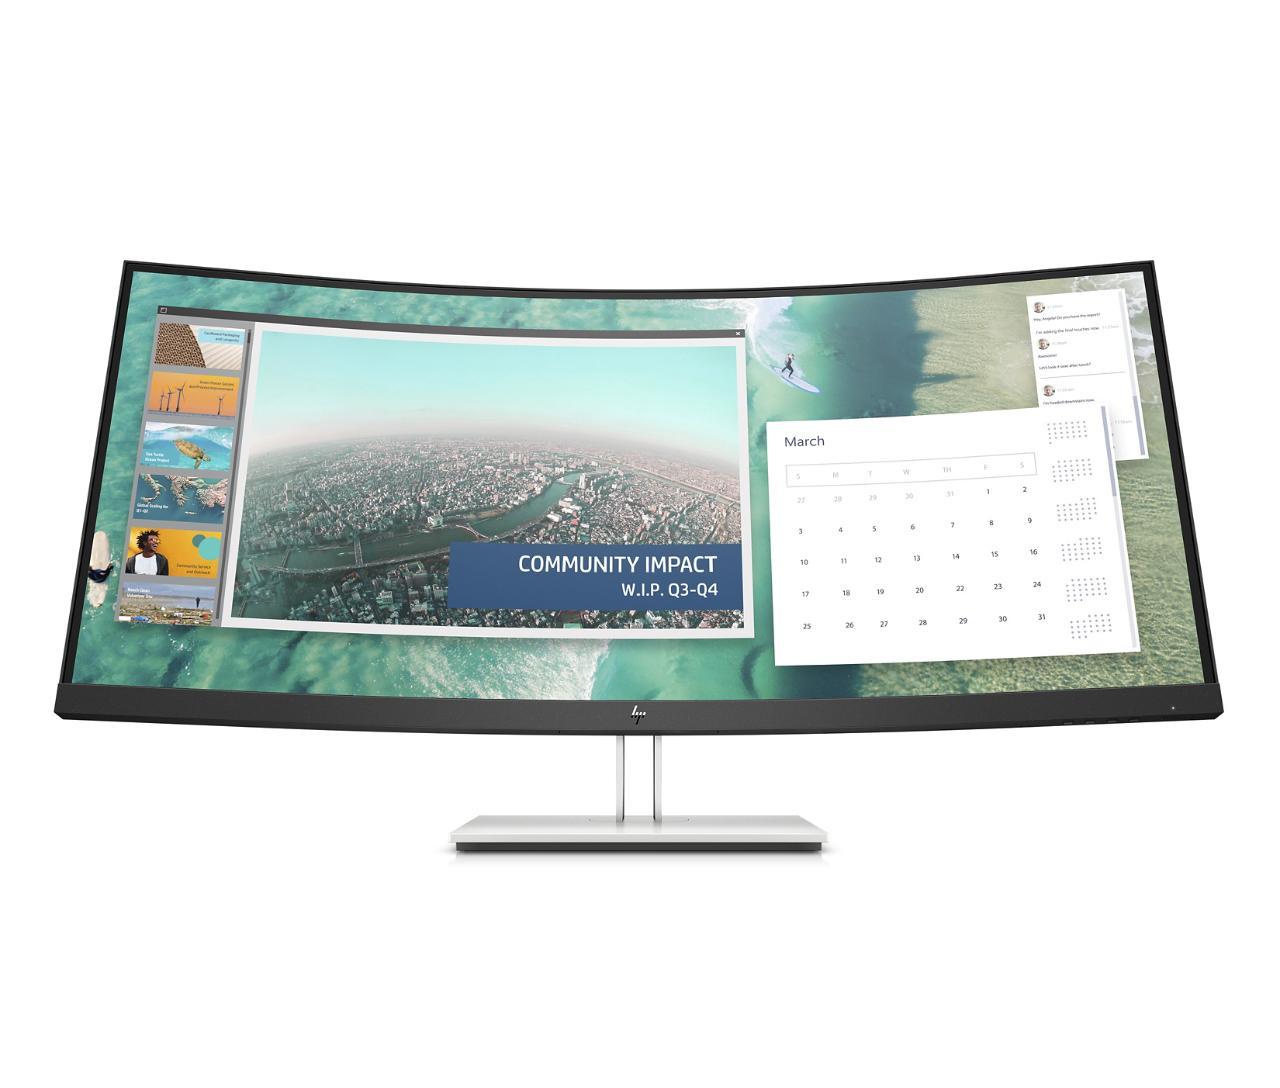 HP E344c näyttö toimistokäyttöön